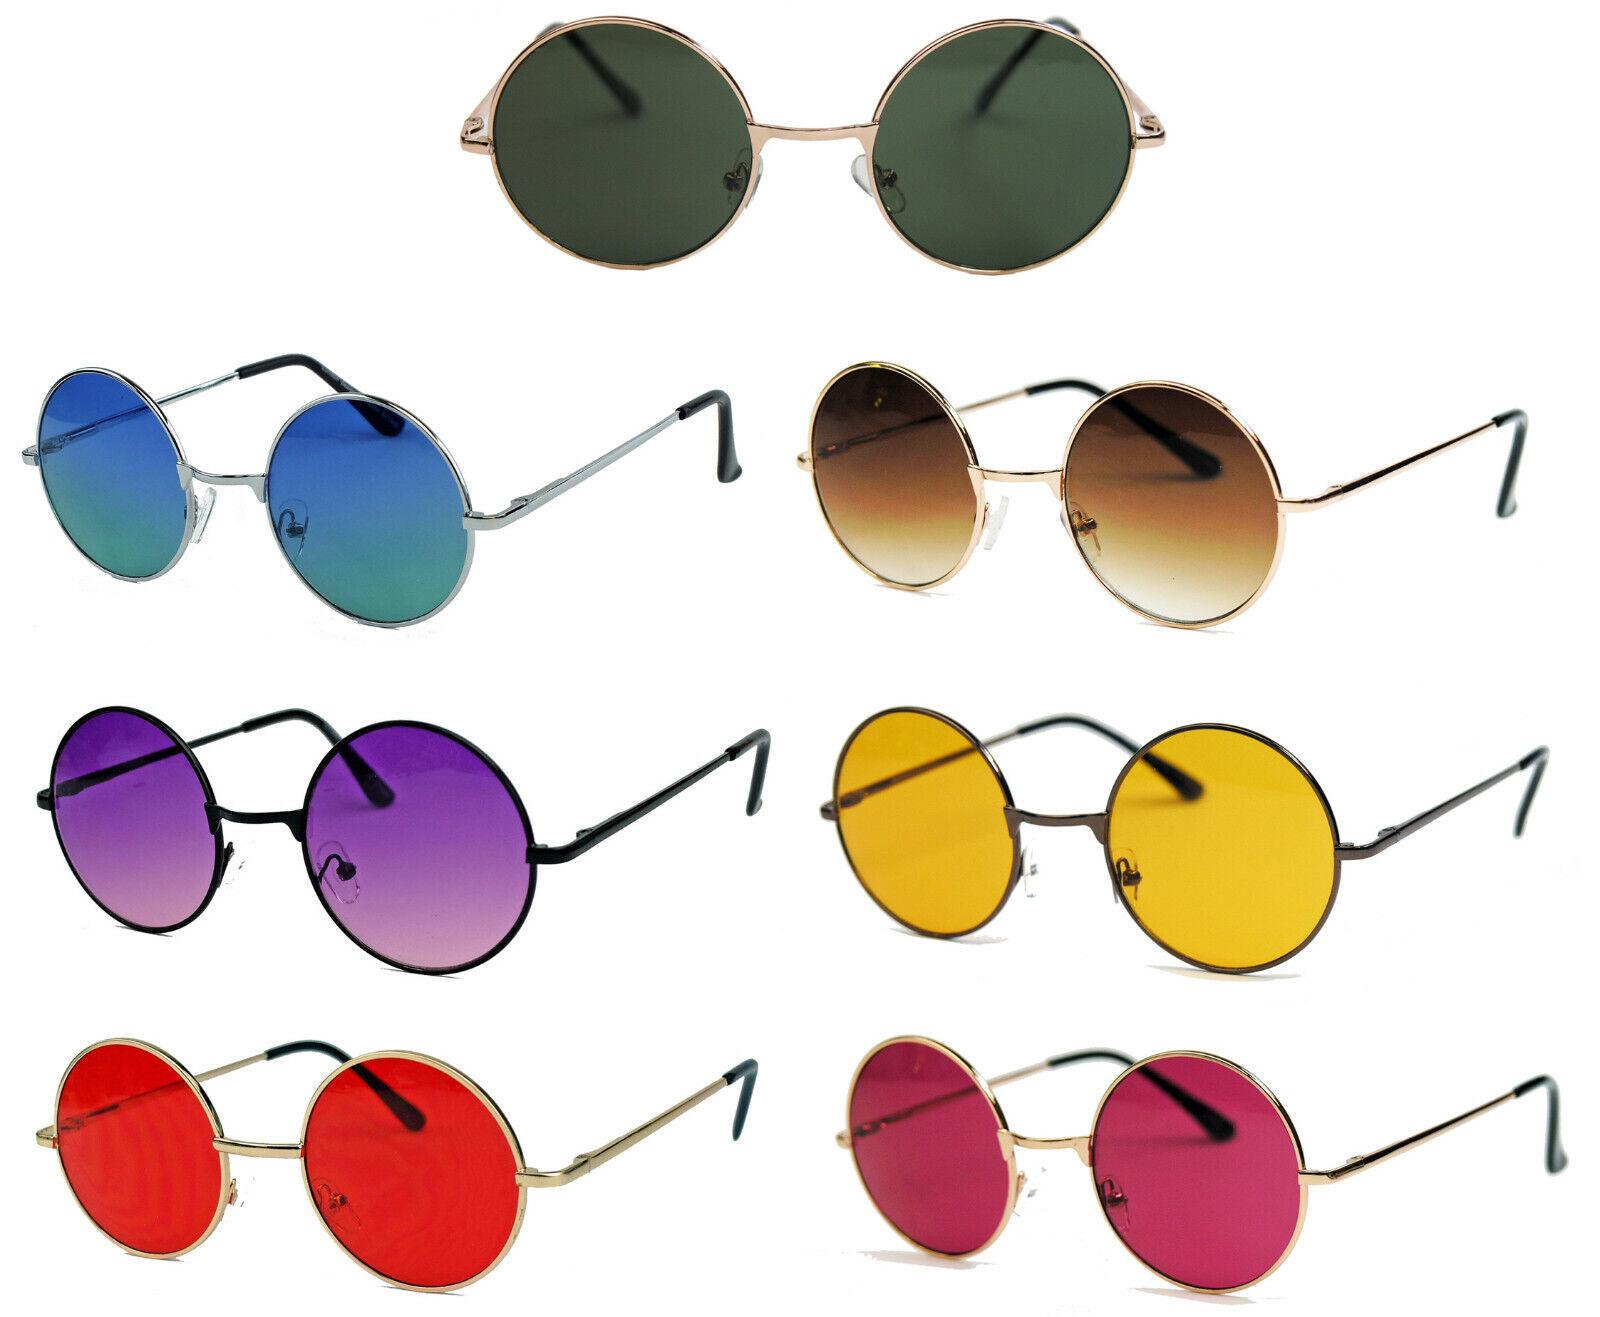 Runde Retro Sonnenbrille Metall Gestell Nickelbrille Steampunk Lennon Hippie Emo